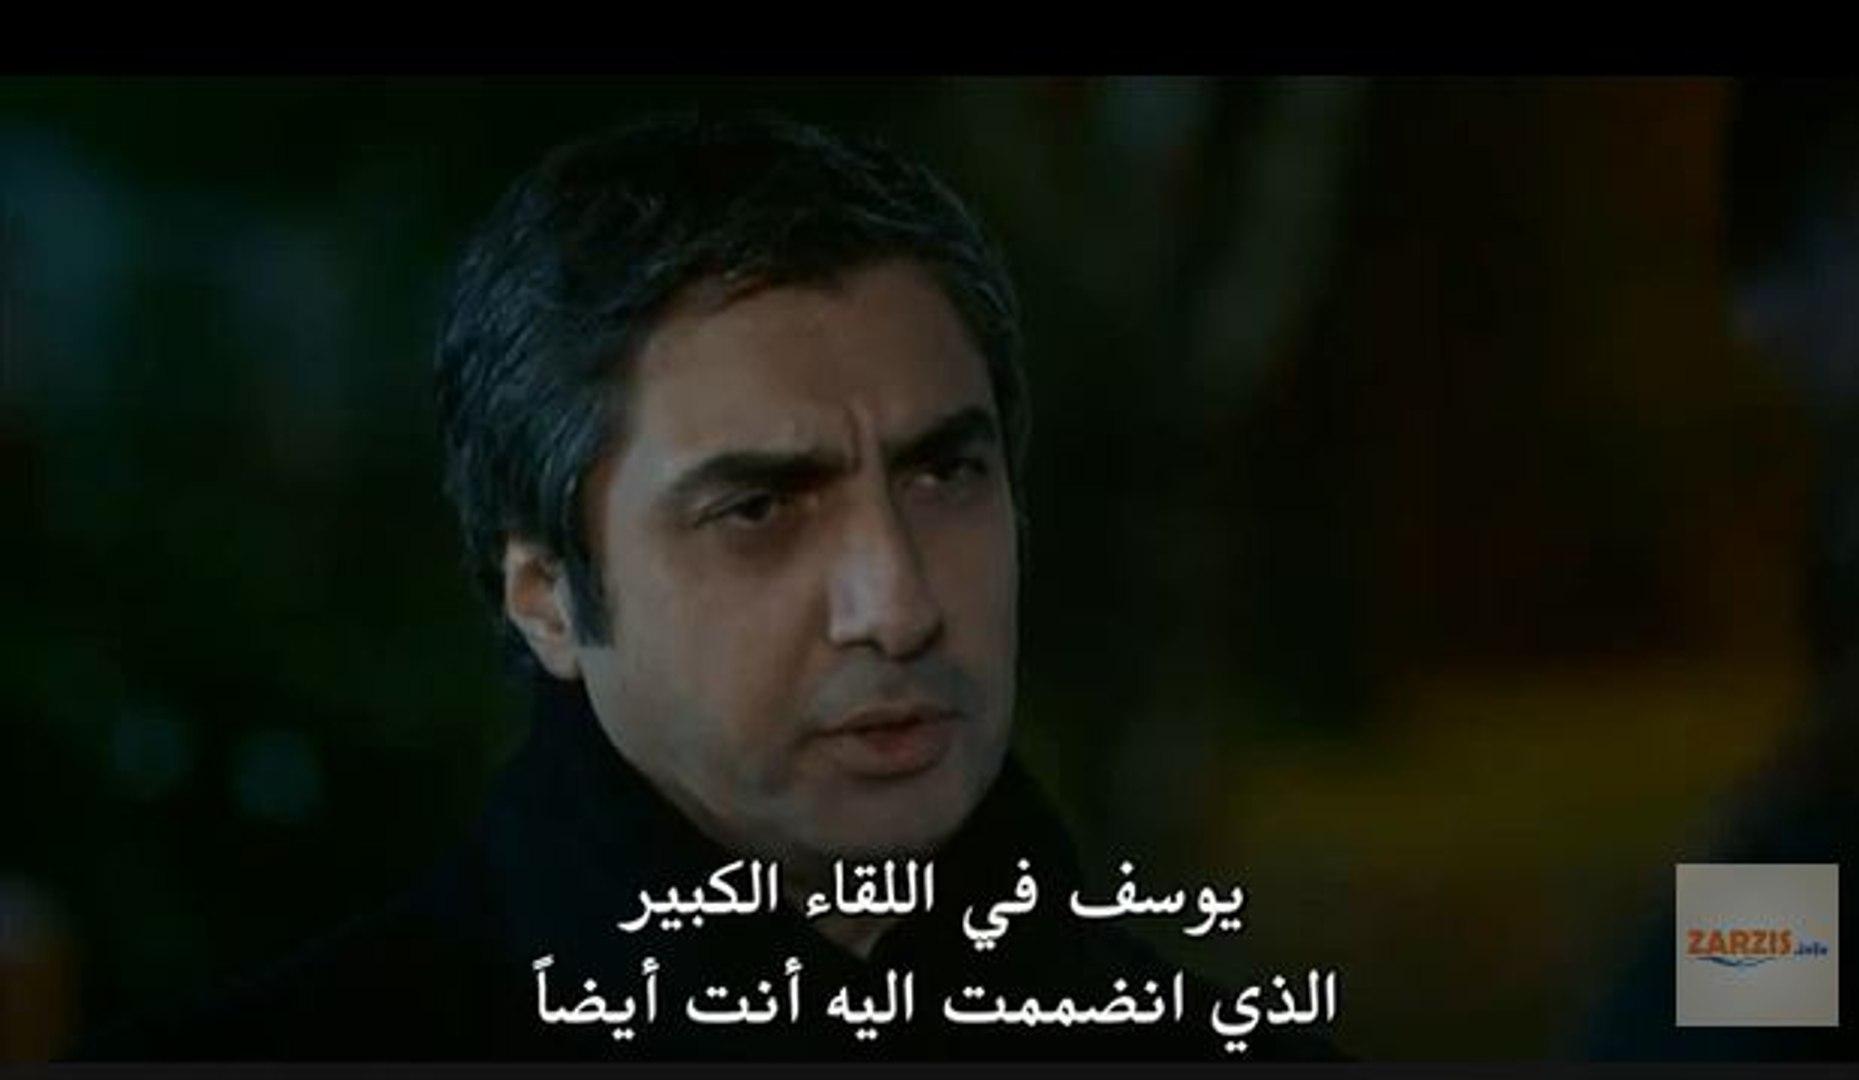 مسلسل وادي الذئاب الجزء العاشر الحلقتين 3334 مترجمة للعربية